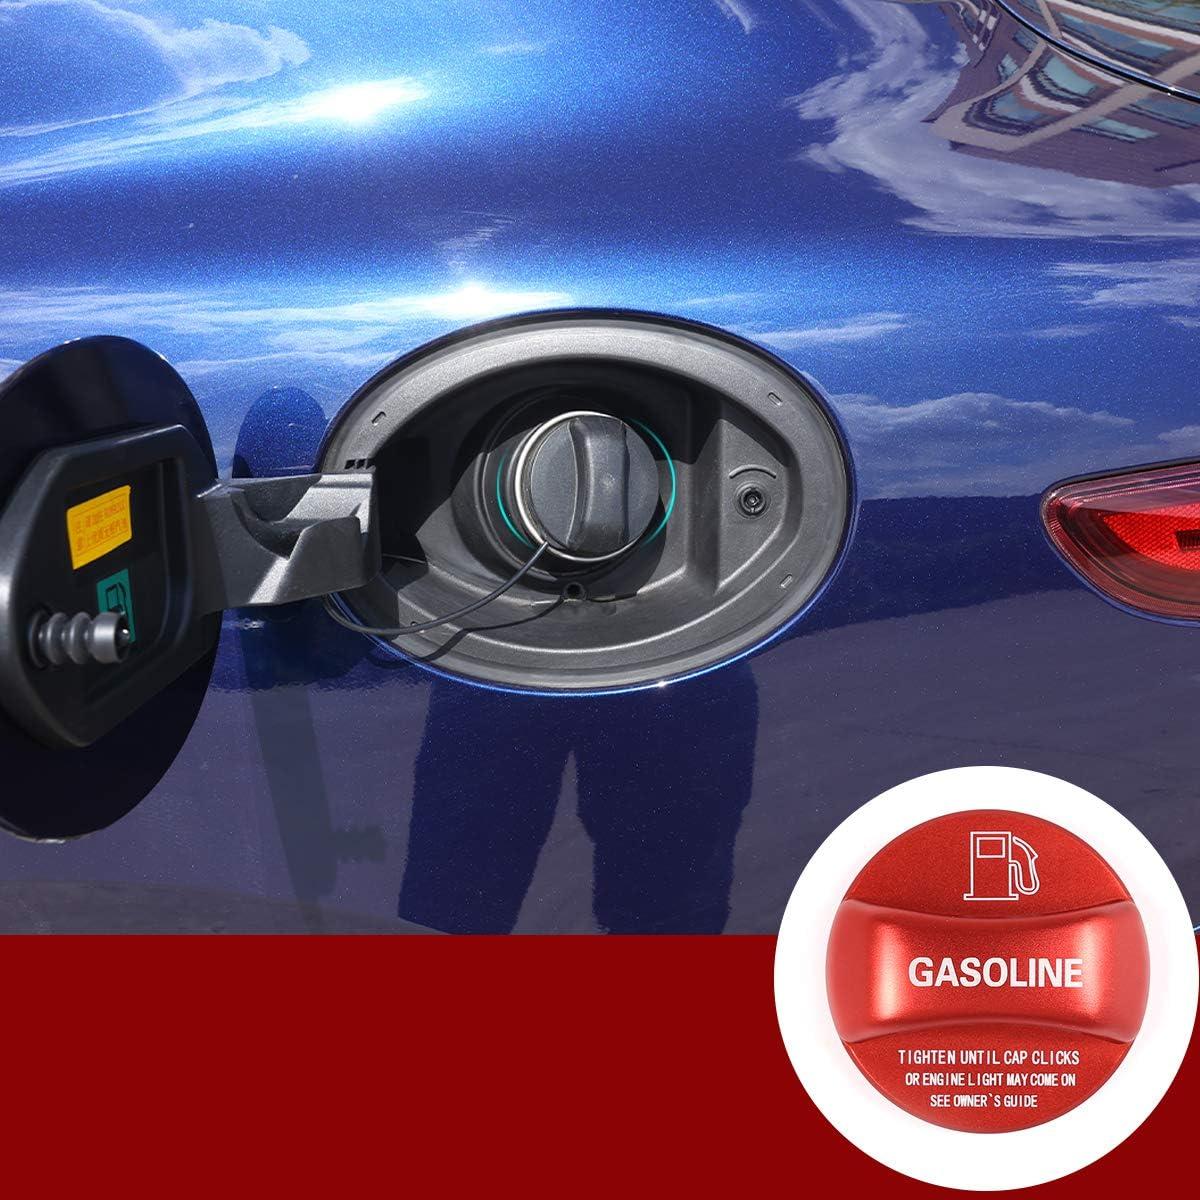 Aluminum Alloy Gas Fuel Tank Cap Cover Trim For Alfa Romeo Giulia Stelvio Accessories (Red)